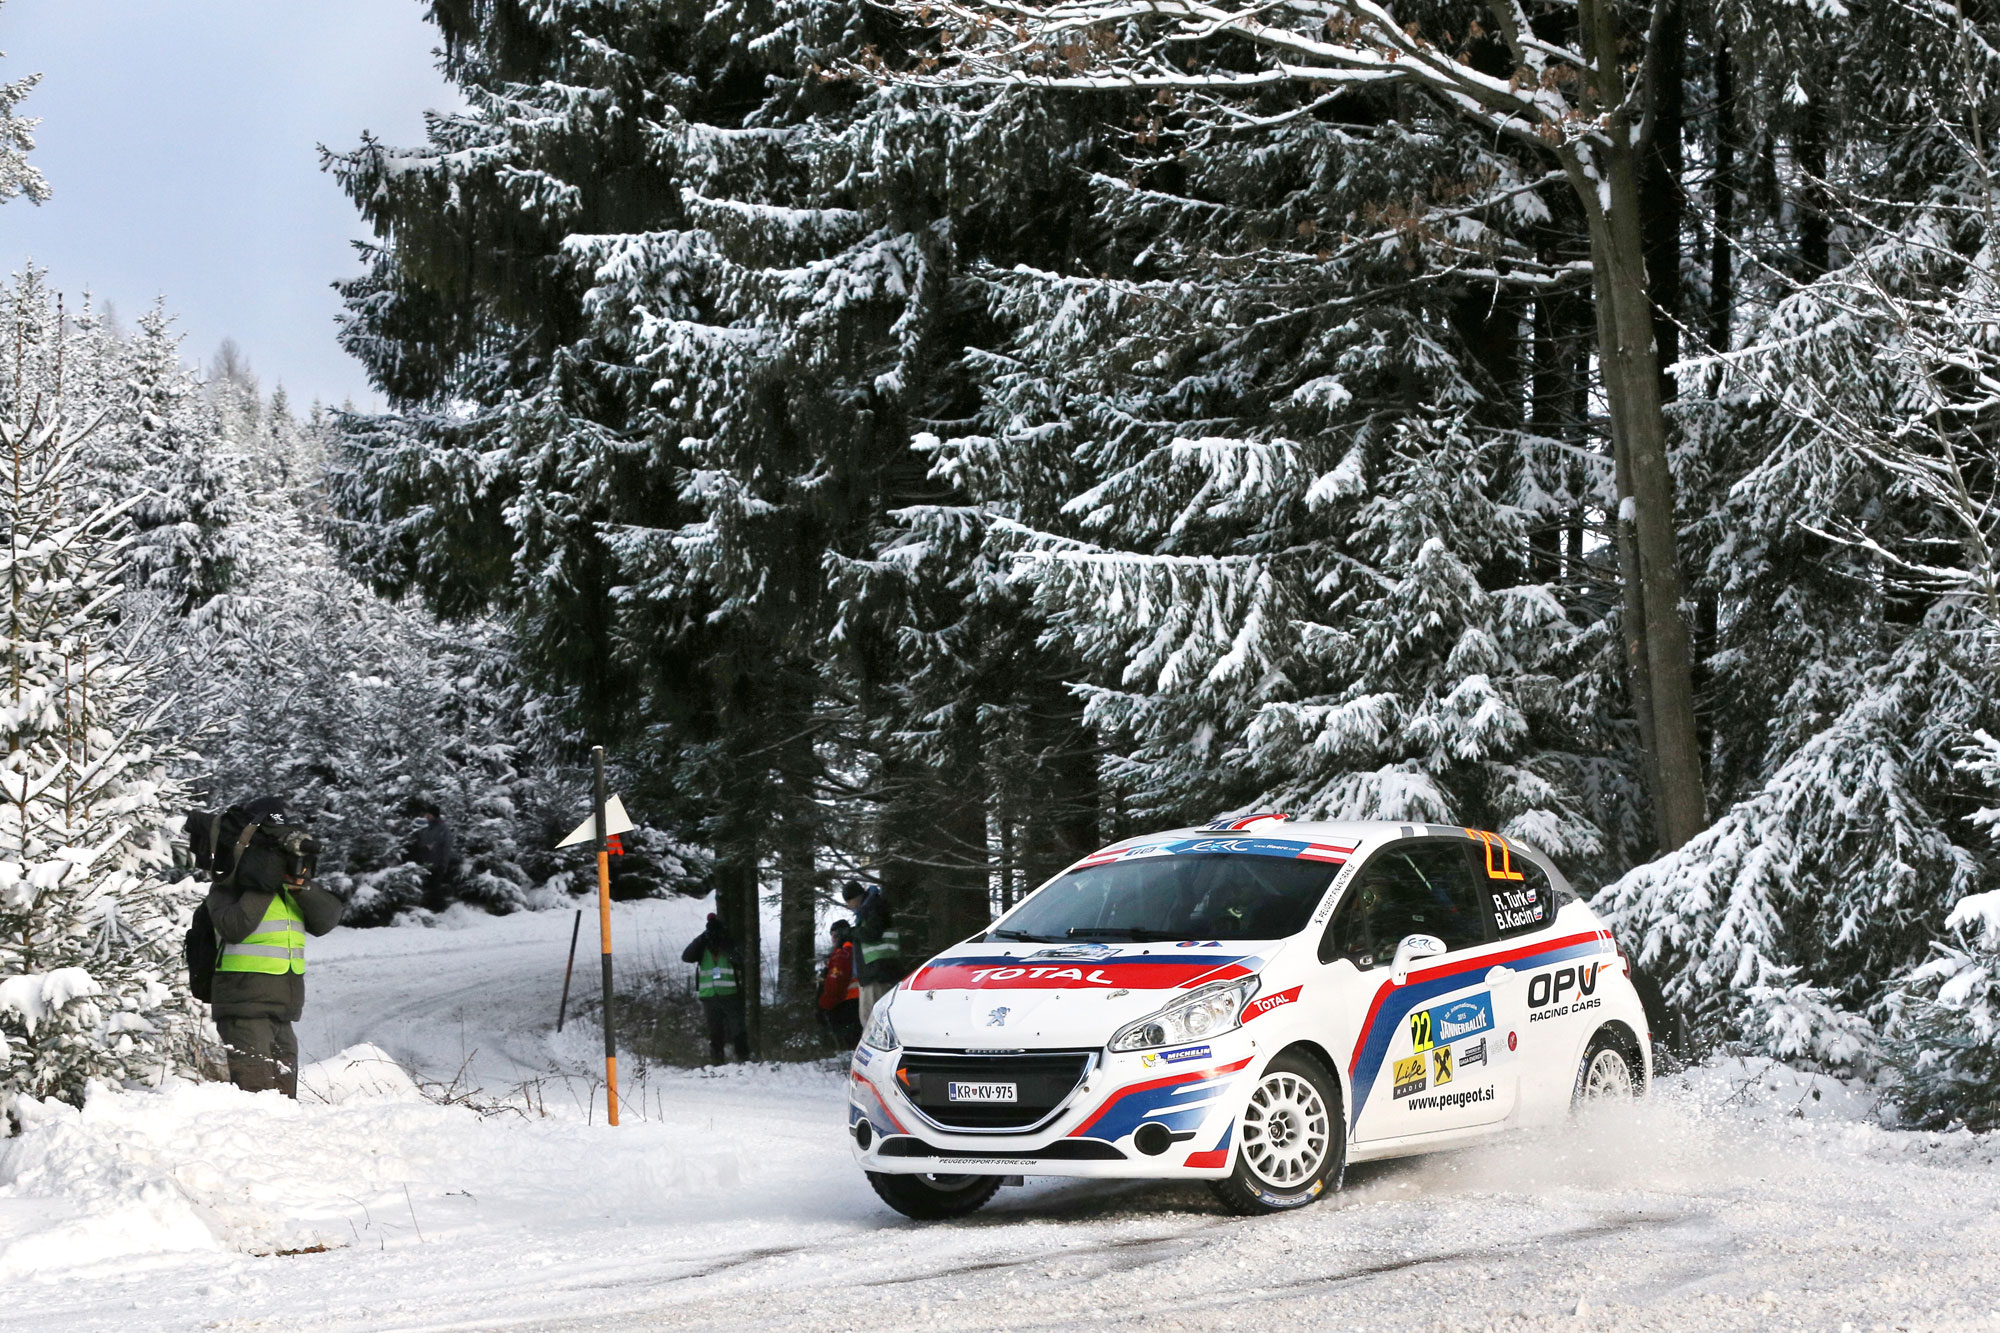 Smola za Roka Turka in prehiter konec uvodnega rallyja sezone v Avstriji